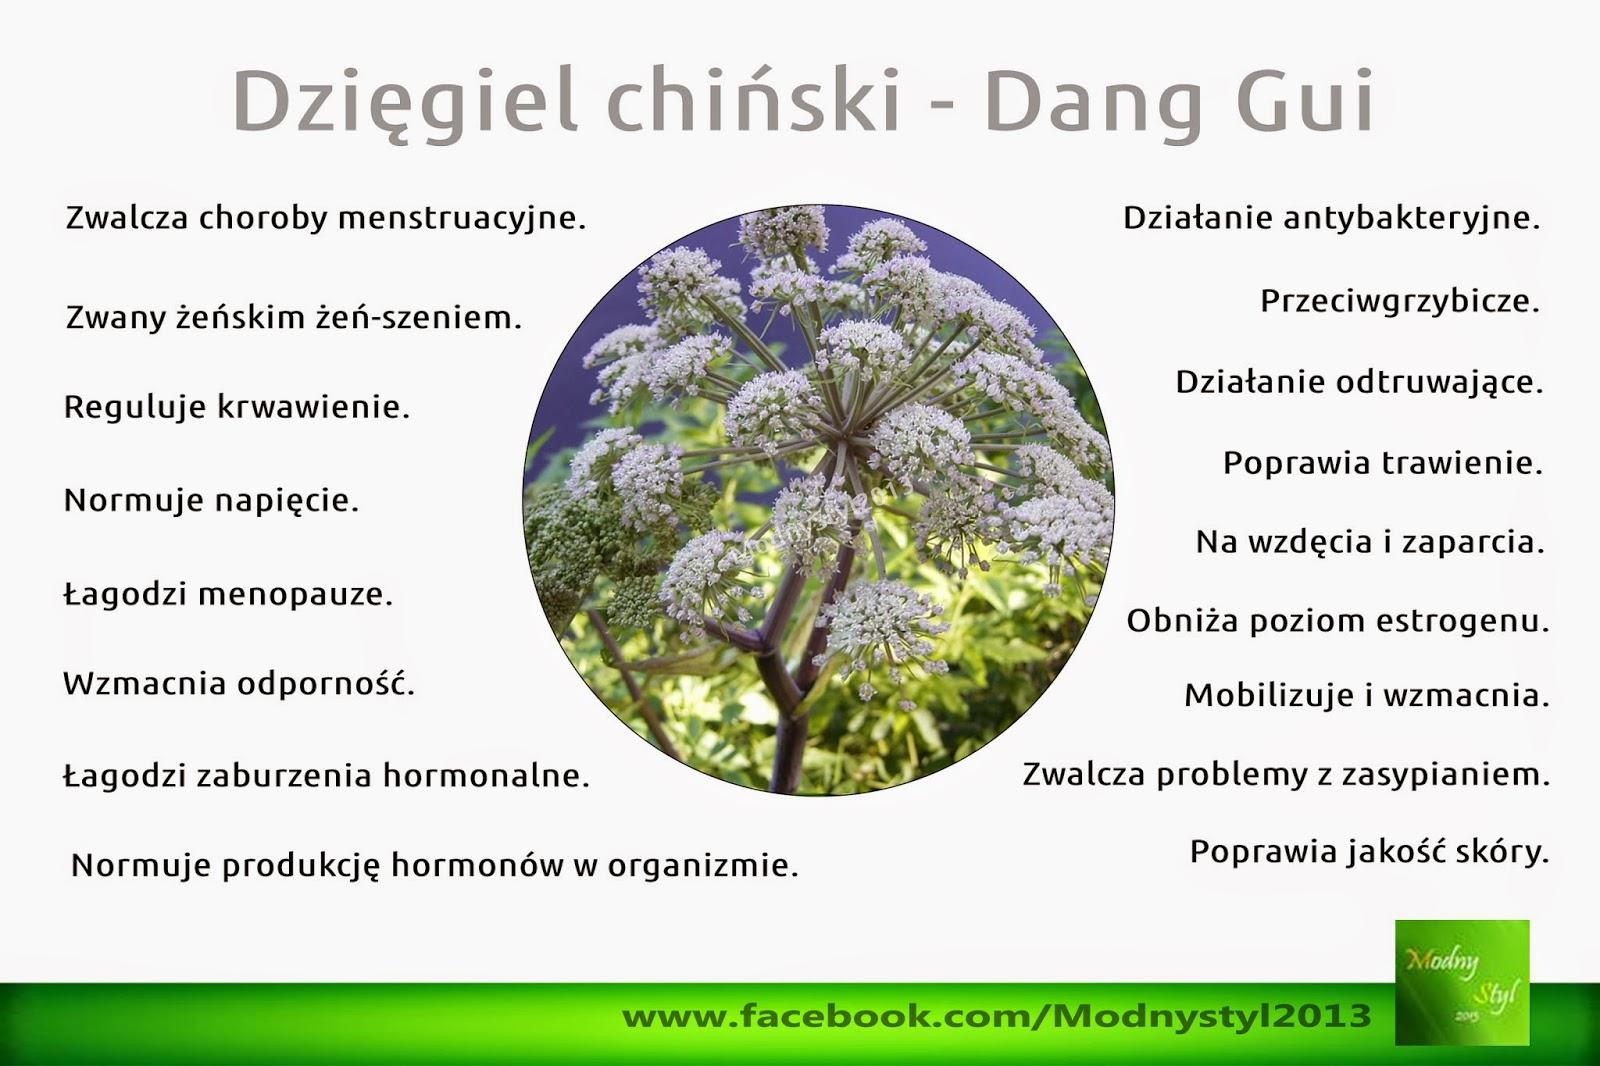 Dzięgiel chiński czyli Dang Gui